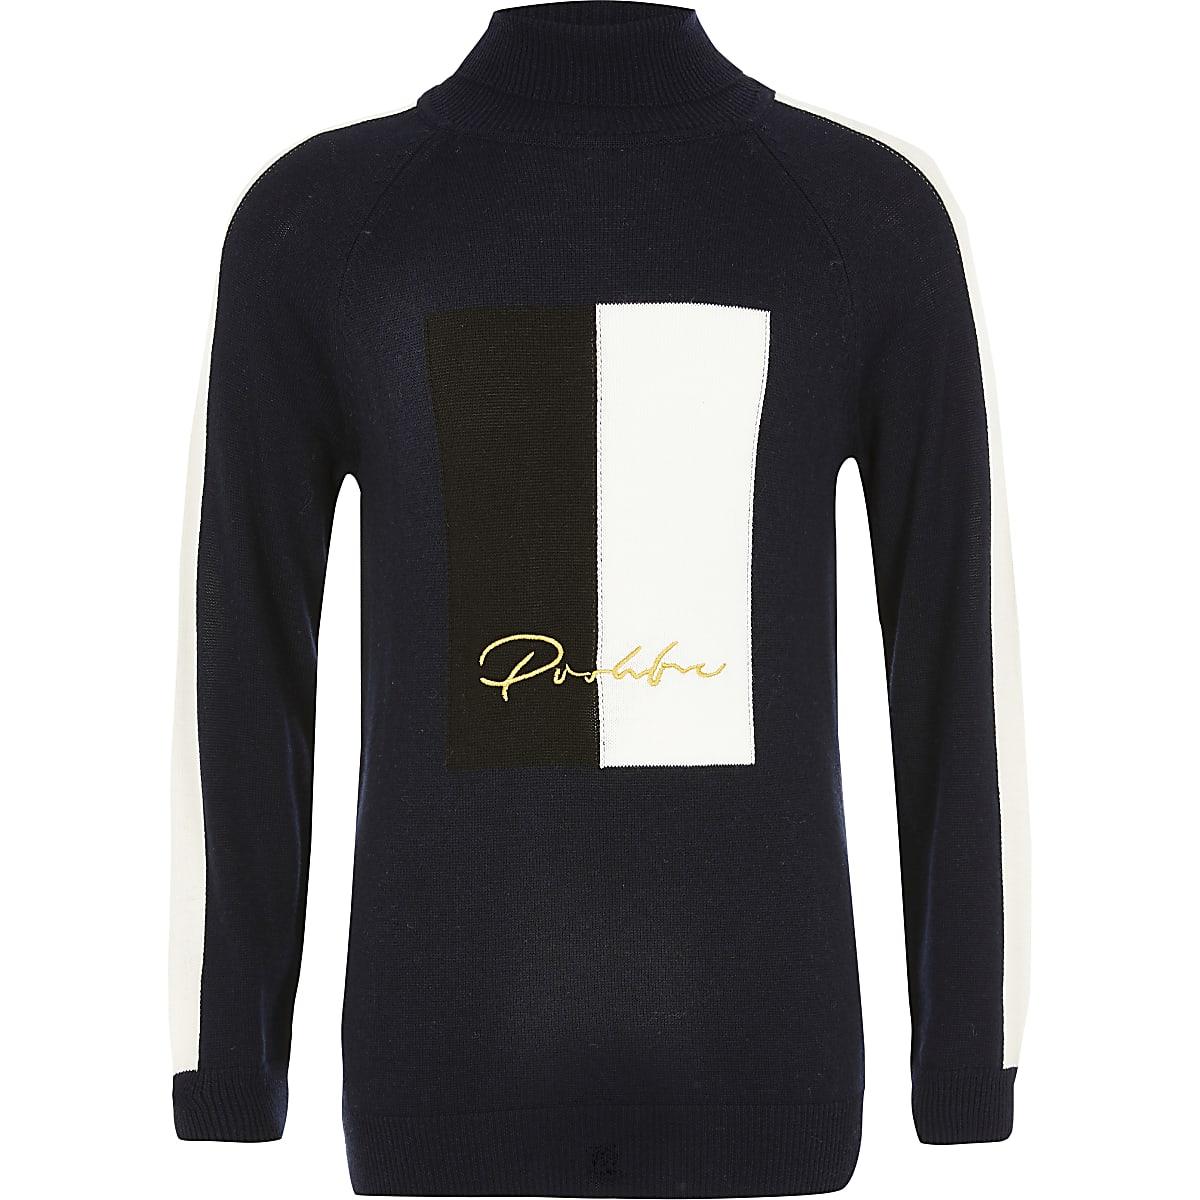 Prolific- Marineblauwe pullover met kleurvlakken en hoge col voor jongens